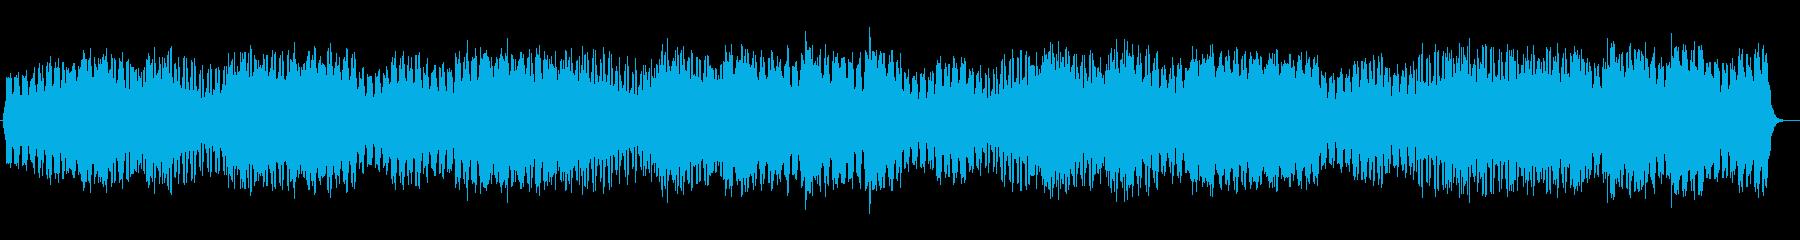 浮遊感のあるヒーリングミュージックの再生済みの波形